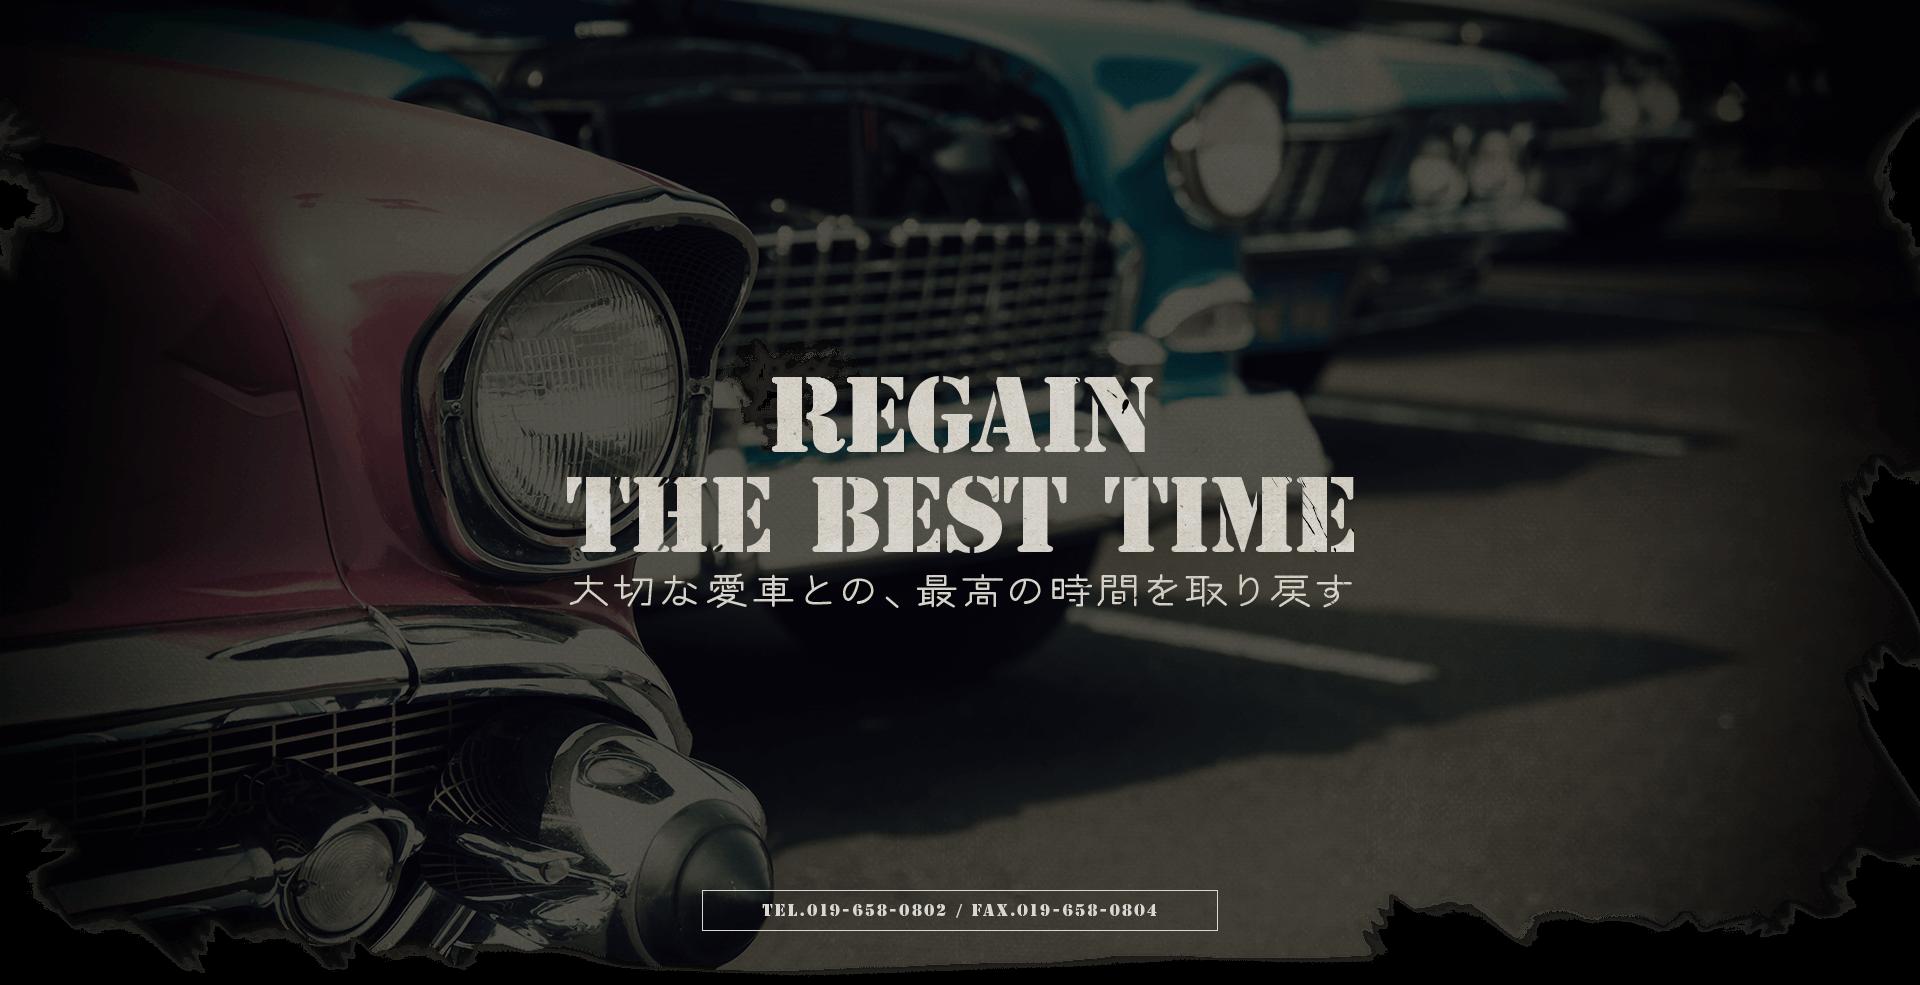 大切な愛車との、最高の時間を取り戻す